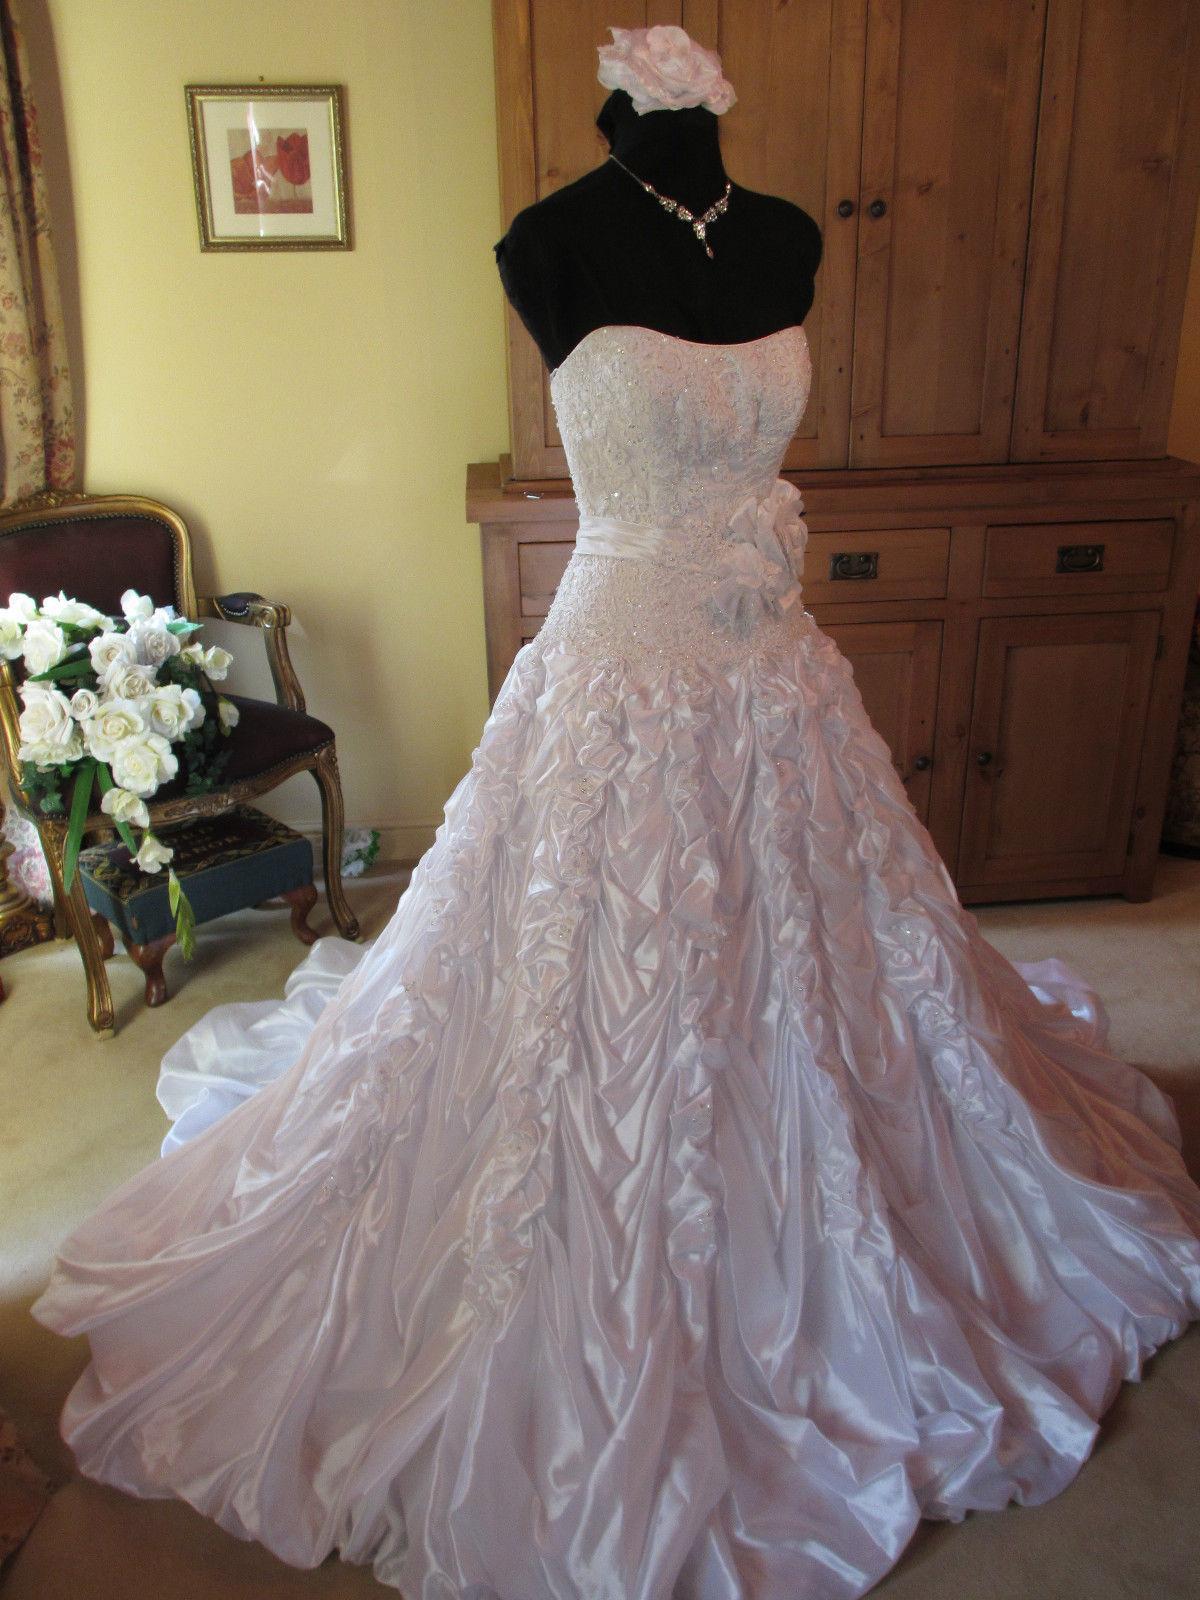 Svadobné šaty Maggie Sottro orginál - Obrázok č. 1